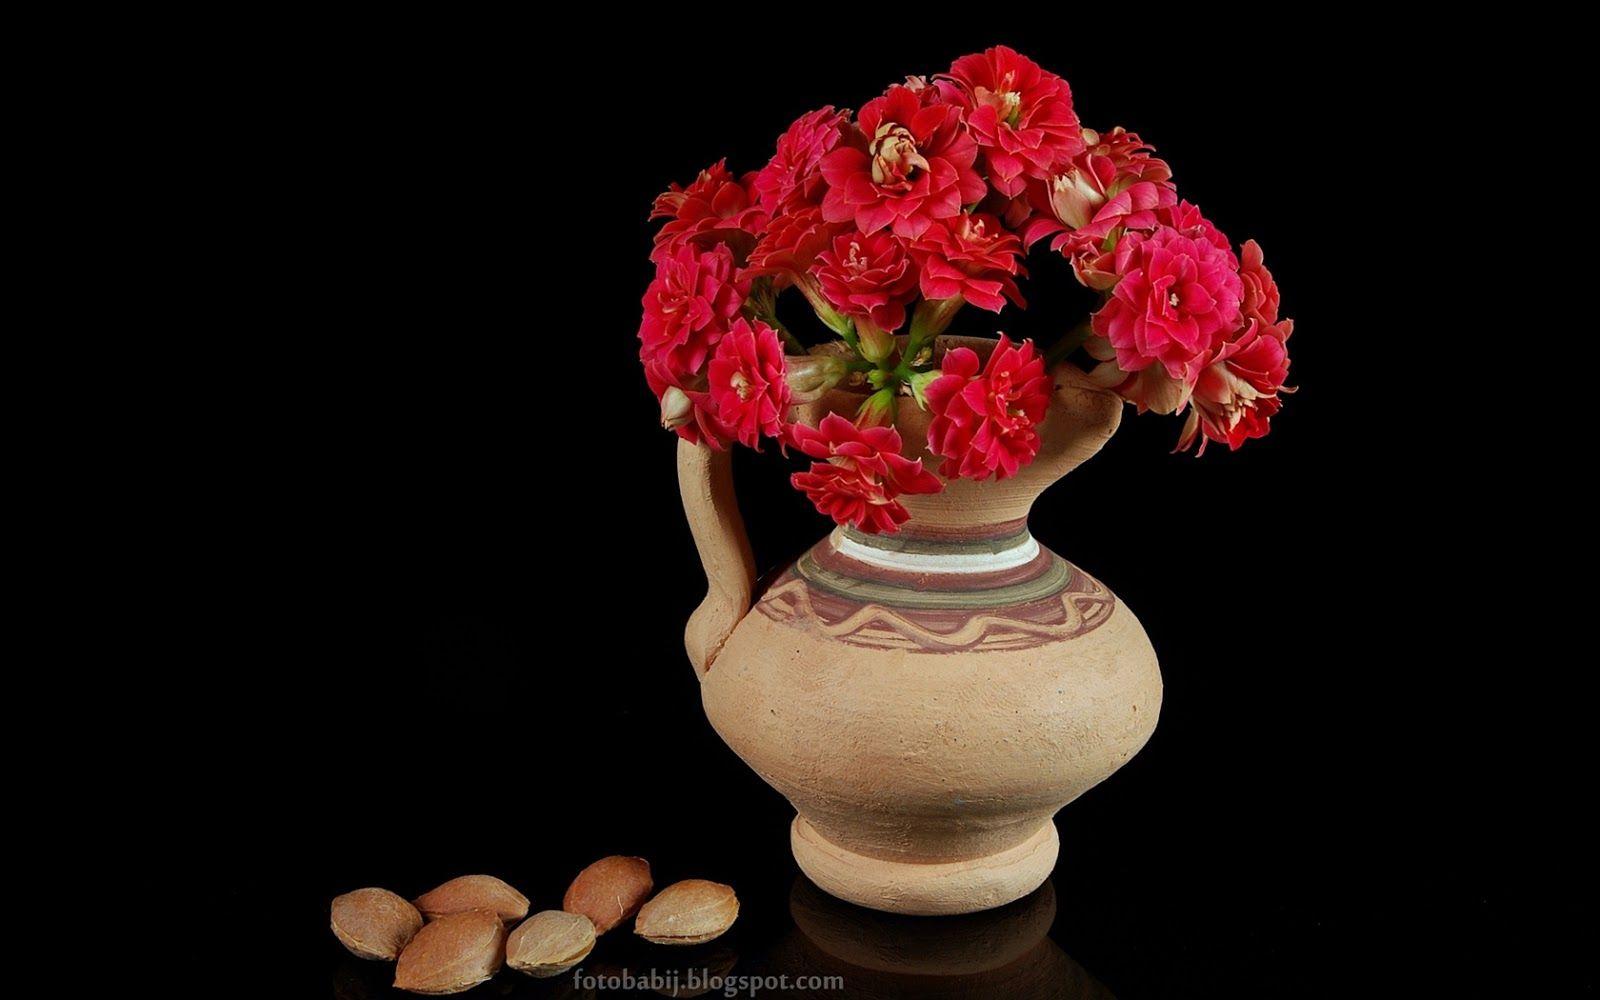 Tapety Na Pulpit 4k Ultra Hd Full Hd I Inne Rozdzielczosci Mini Bukiet Decor Home Decor Vase